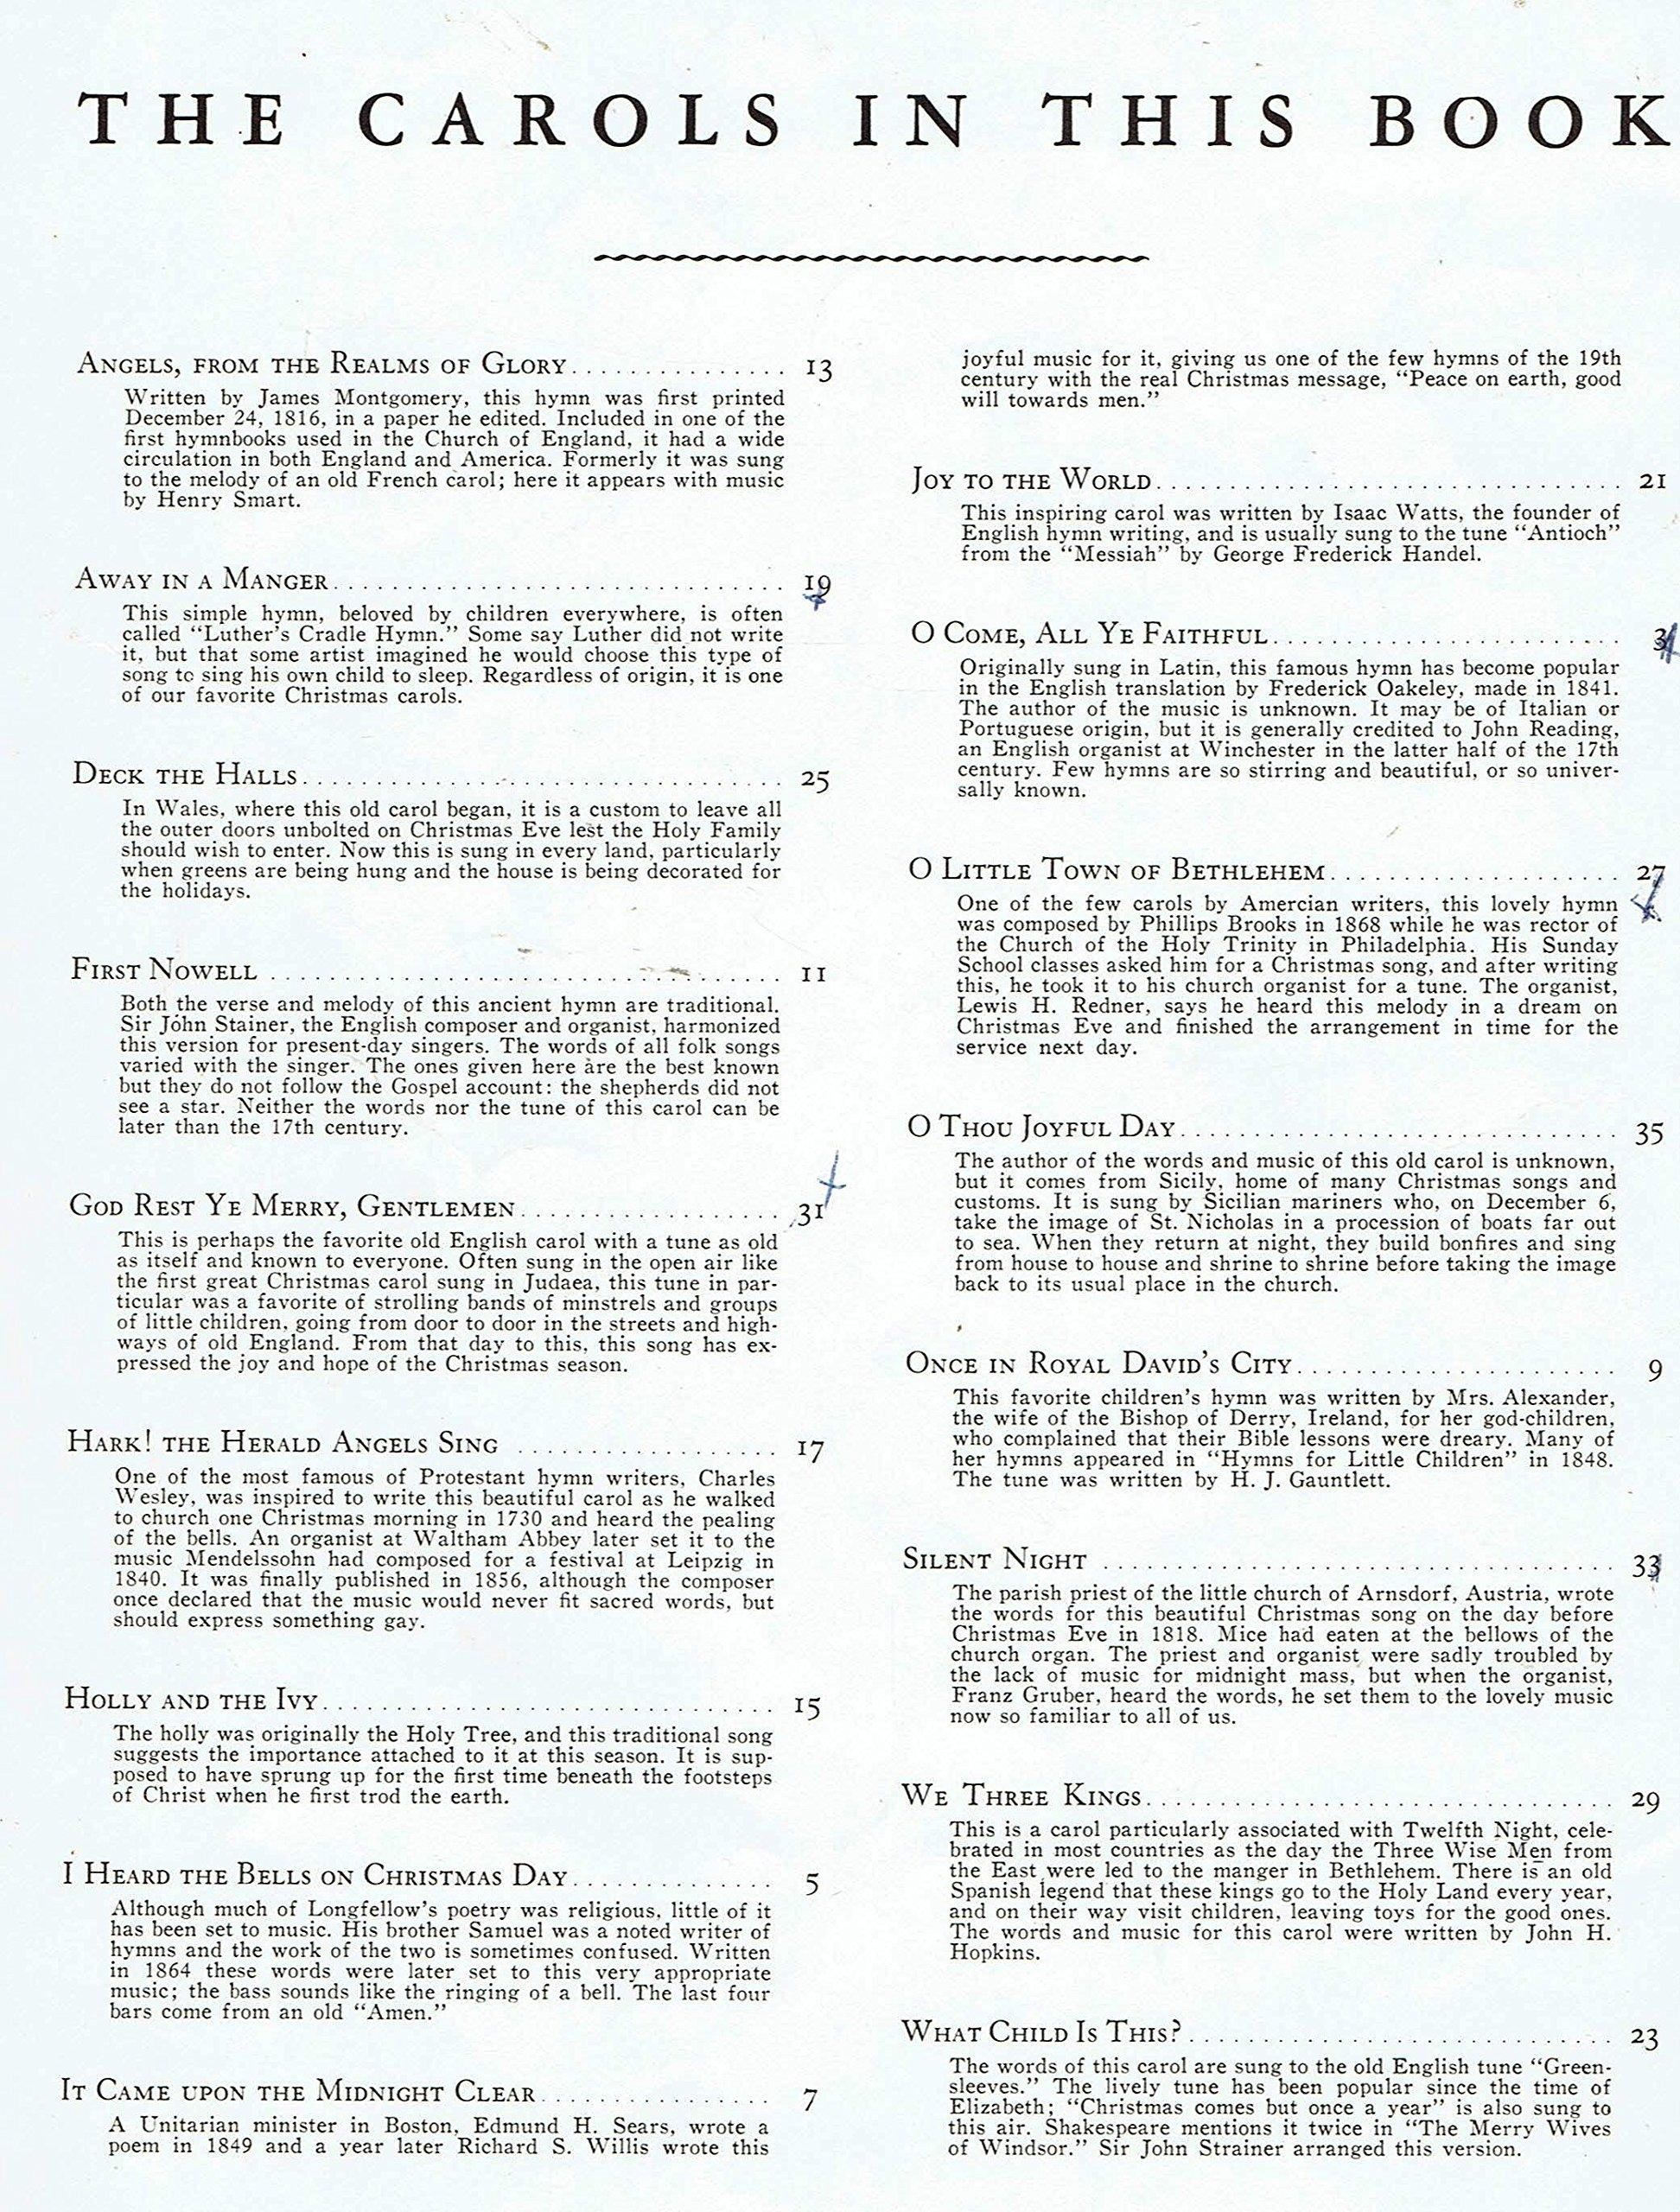 CHRISTMAS CAROLS - 2965 WHITMAN: KARL SCHULTE, F.D. LOHMAN: Amazon ...